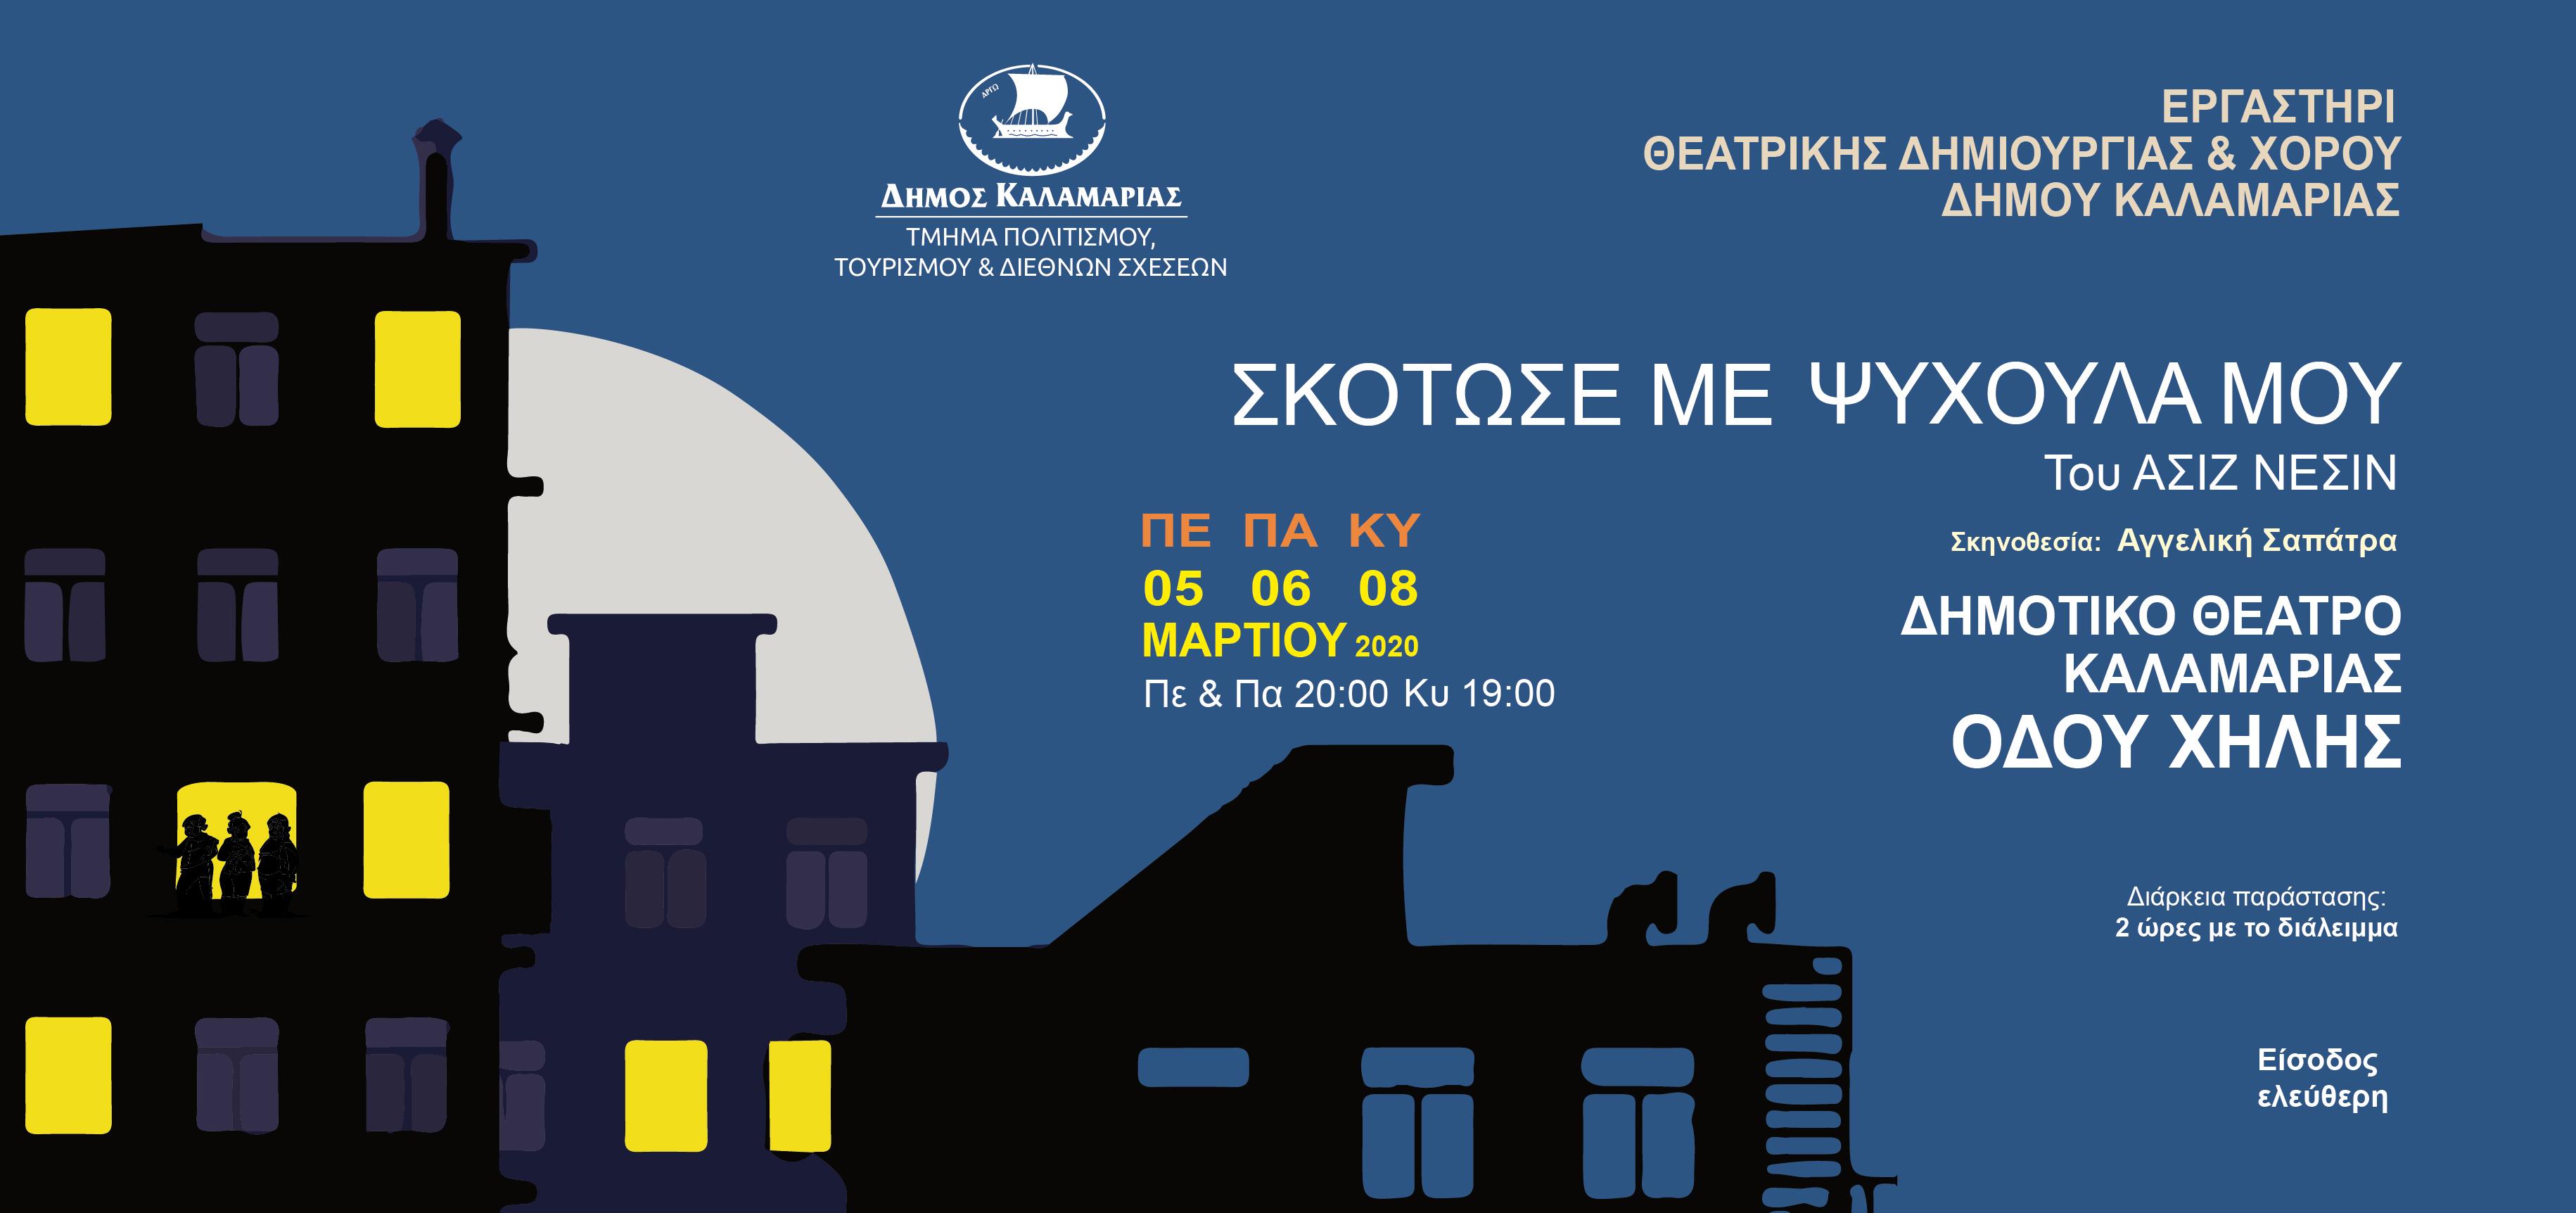 Δήμος Καλαμαριάς | «Σκότωσέ με ψυχούλα μου», στο Δημοτικό Θέατρο Καλαμαριάς  «Οδού Χηλής»